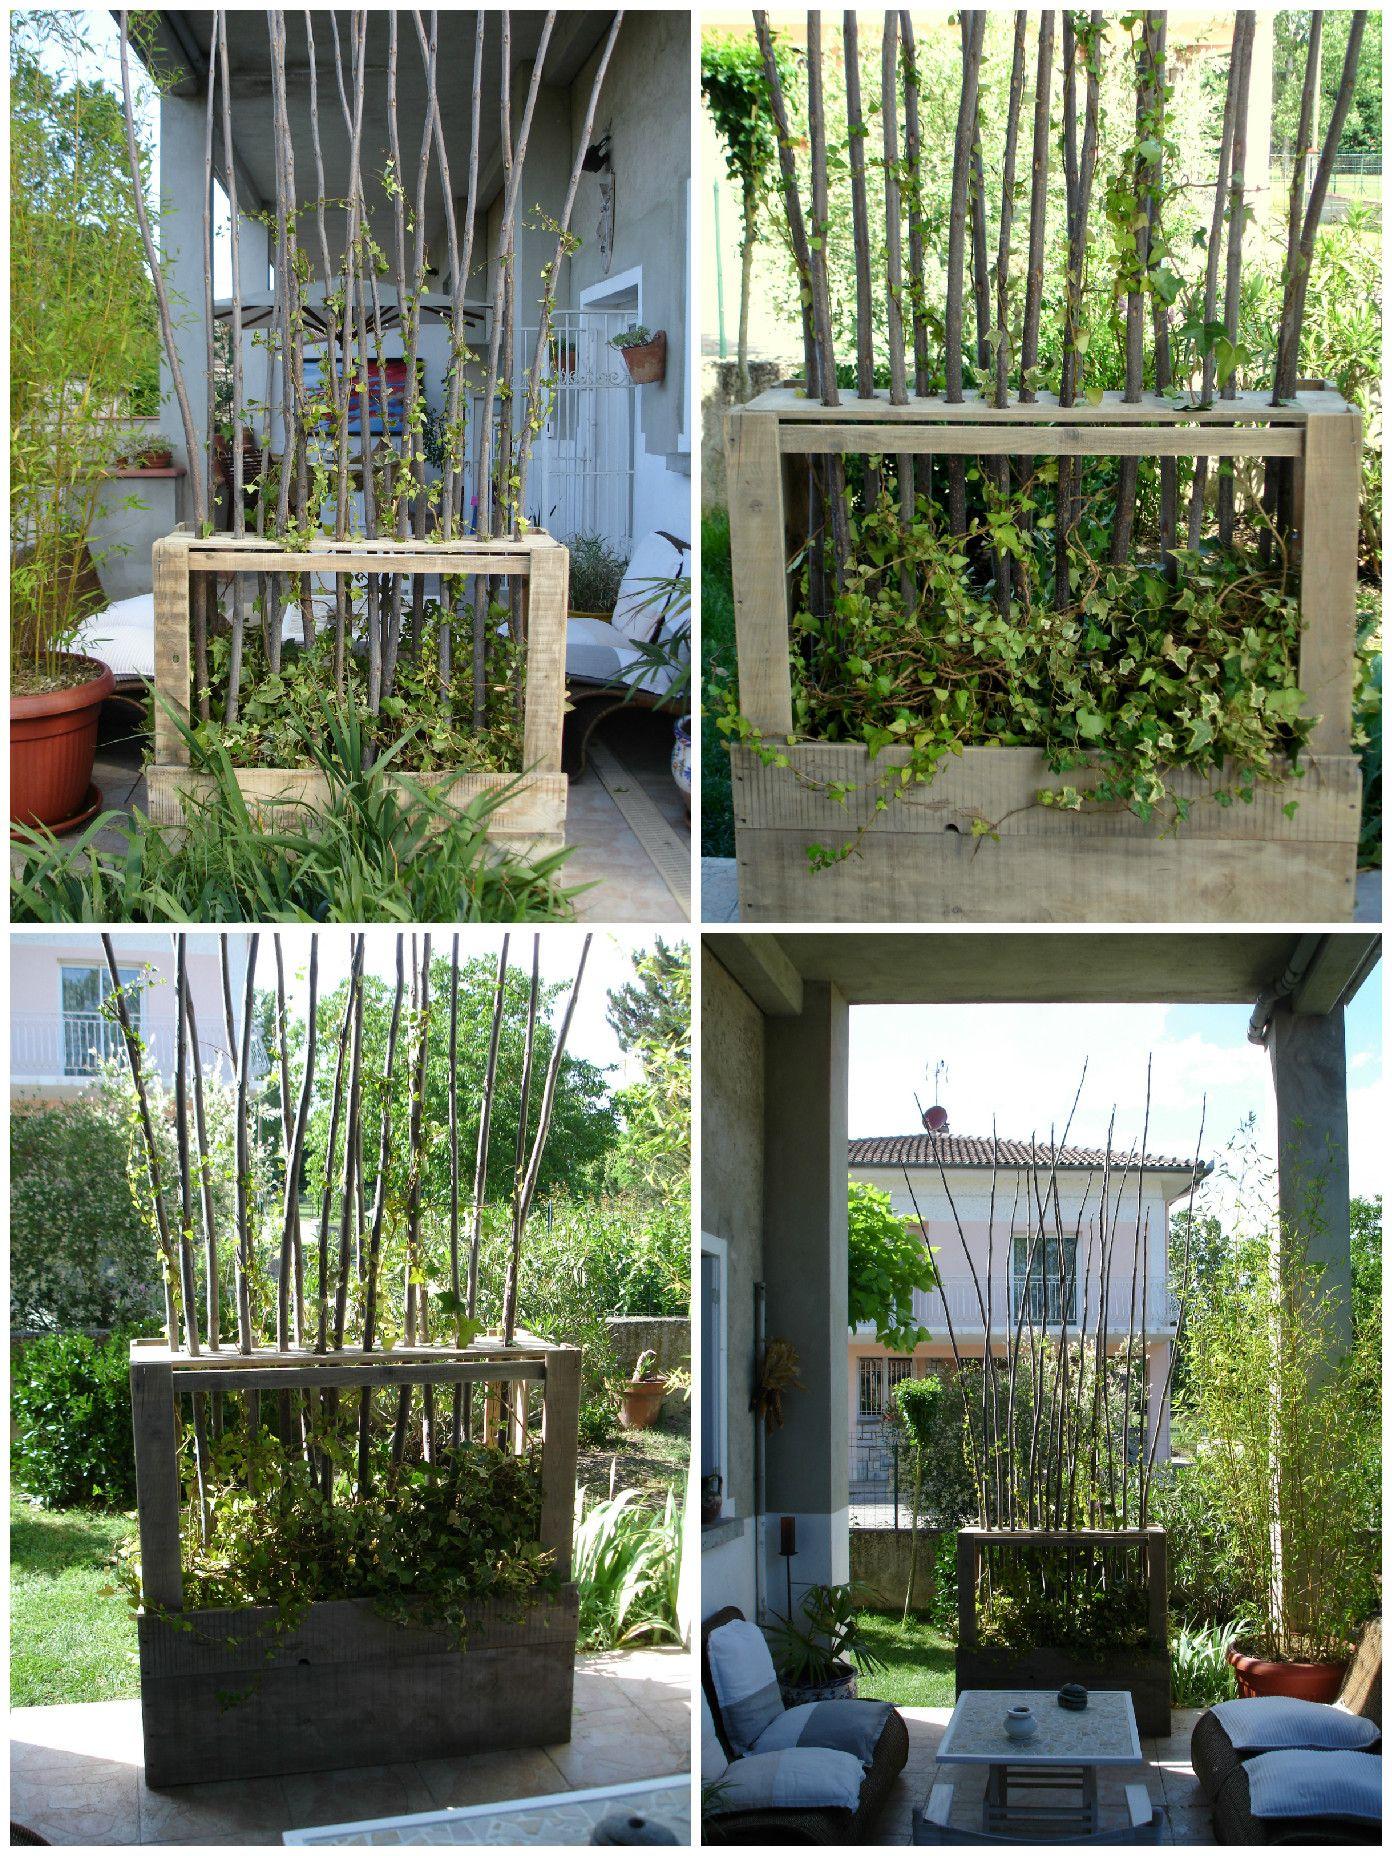 Upcycled Wooden Pallet Vegetal Fence | Jardin | Paravent ... avec Paravent Jardin